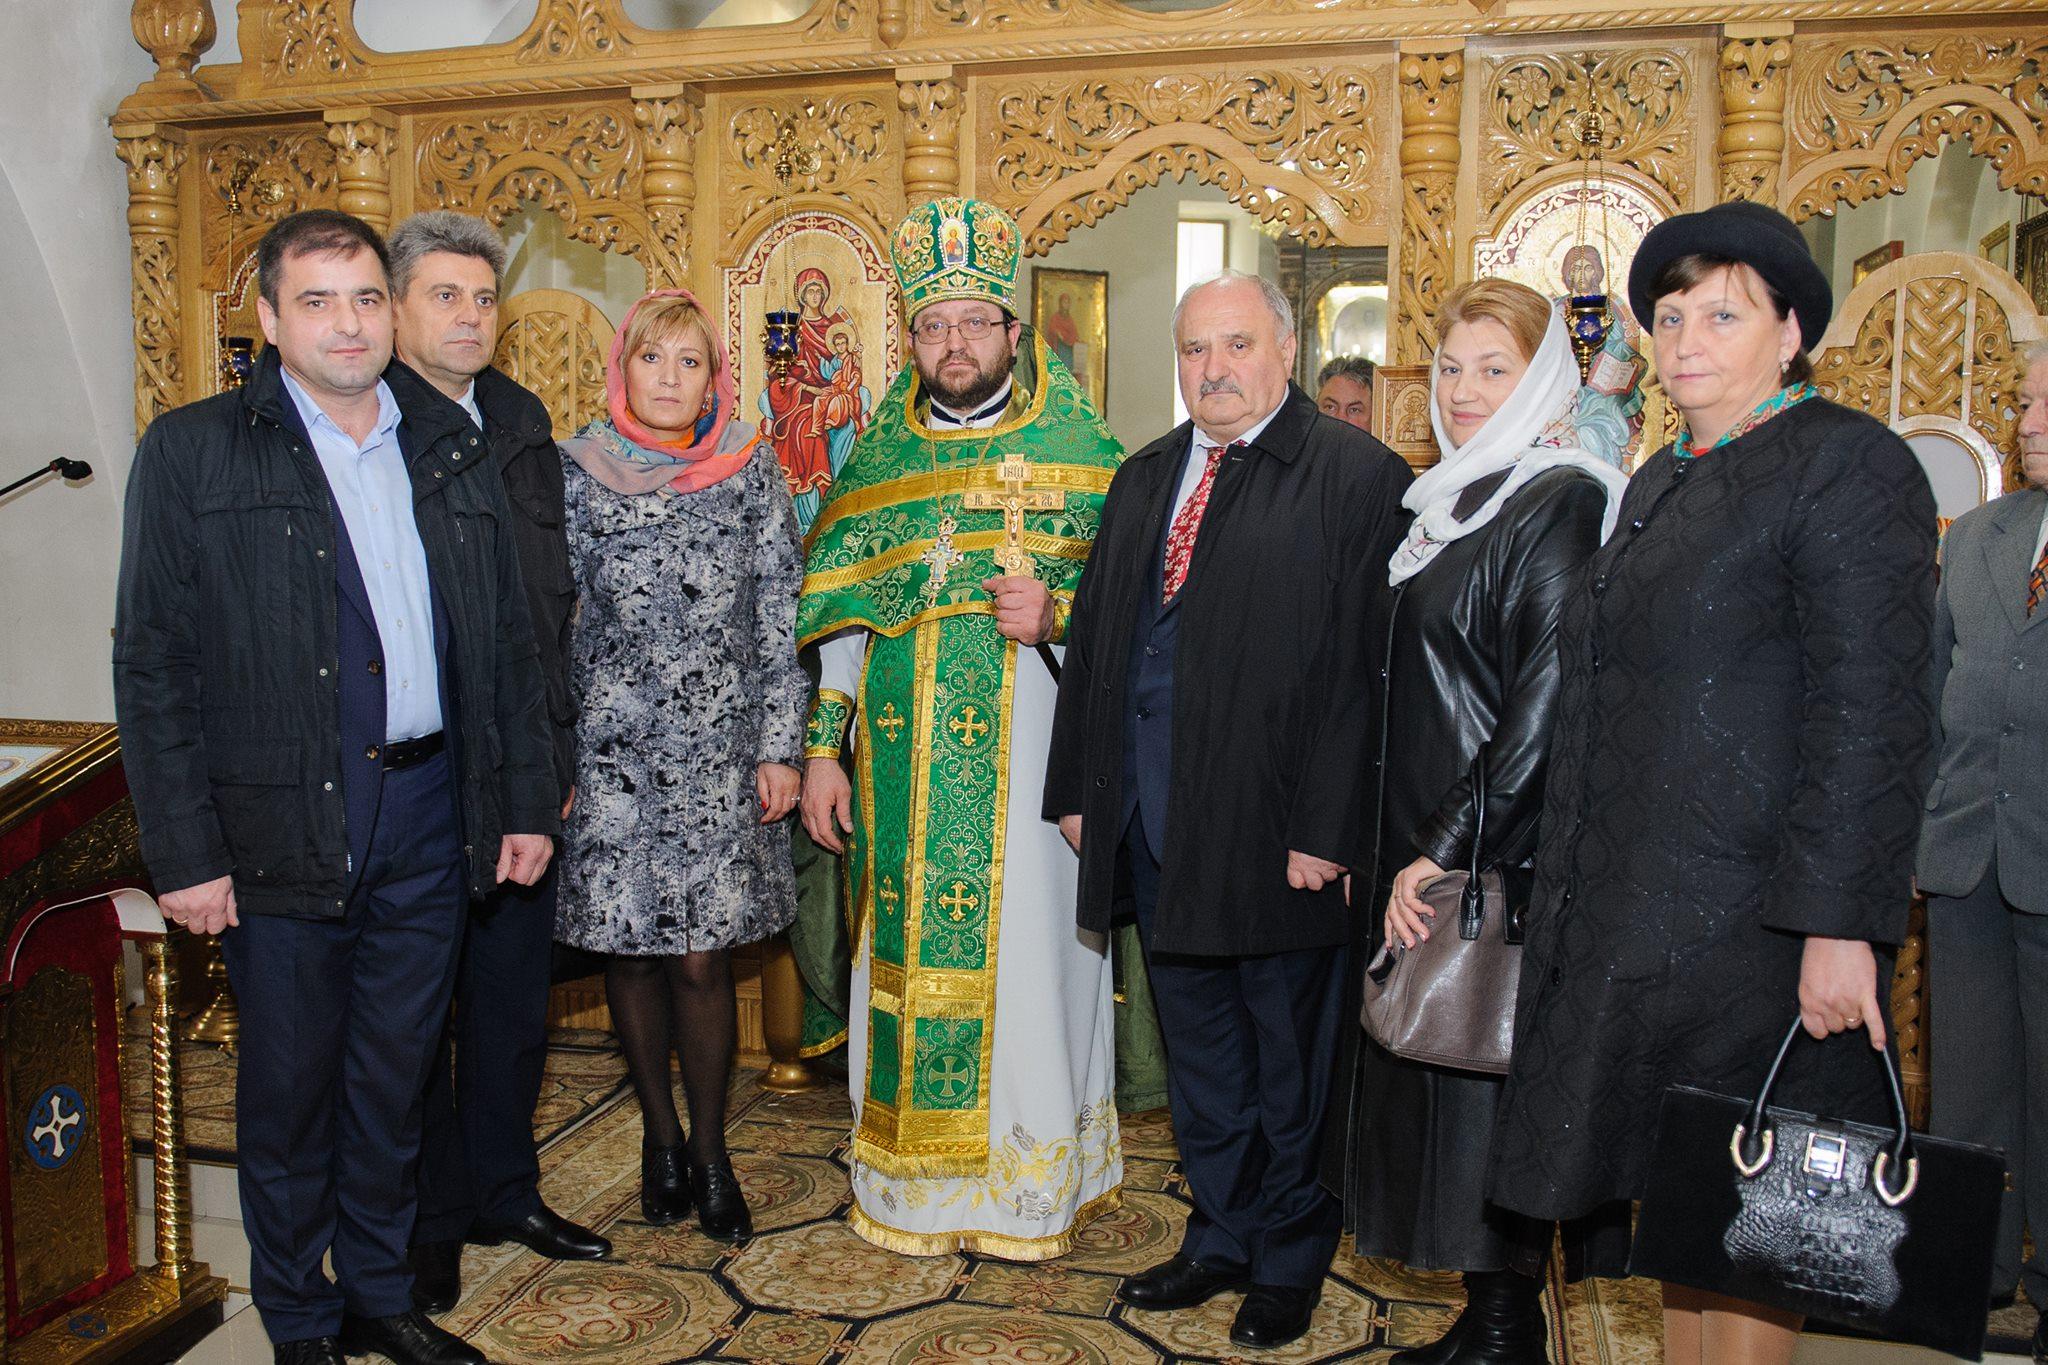 Angajații CNAMUP au făcut donații pentru biserica Sfânta Parascheva din Chișinău